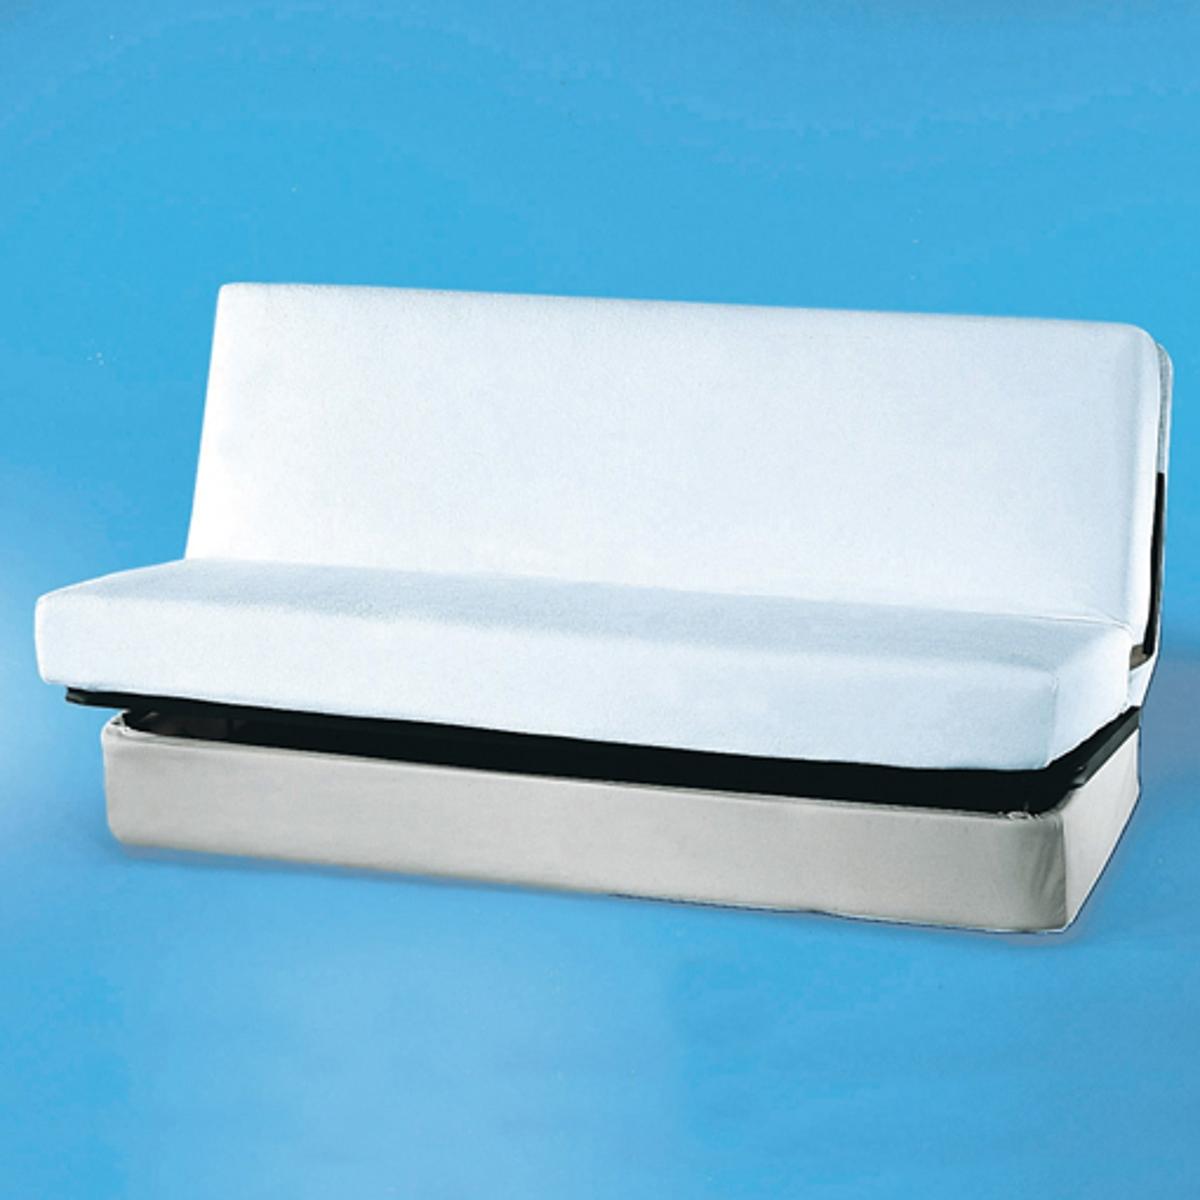 Чехол защитный для матраса клик-кляк, махровая ткань с непромокаемым покрытием из полиуретанаОчень мягкий и удобный защитный чехол для матраса отводит влагу от тела, сохраняя полную непромокаемость.Защитный чехол на матрас из эластичной махровой ткани с завитым ворсом с непромокаемым покрытием из полиуретана, микро-дышащий, антибактериальный, уменьшает потоотделение.Длина 190 см. 2 ширины в см. Клапан 27 см.100% экологически чистый материал.Изделие прошло активную биологическую обработку  Машинная стирка при 60 °С.Качество VALEUR S?RE.<br><br>Цвет: белый<br>Размер: 130 x 190 см